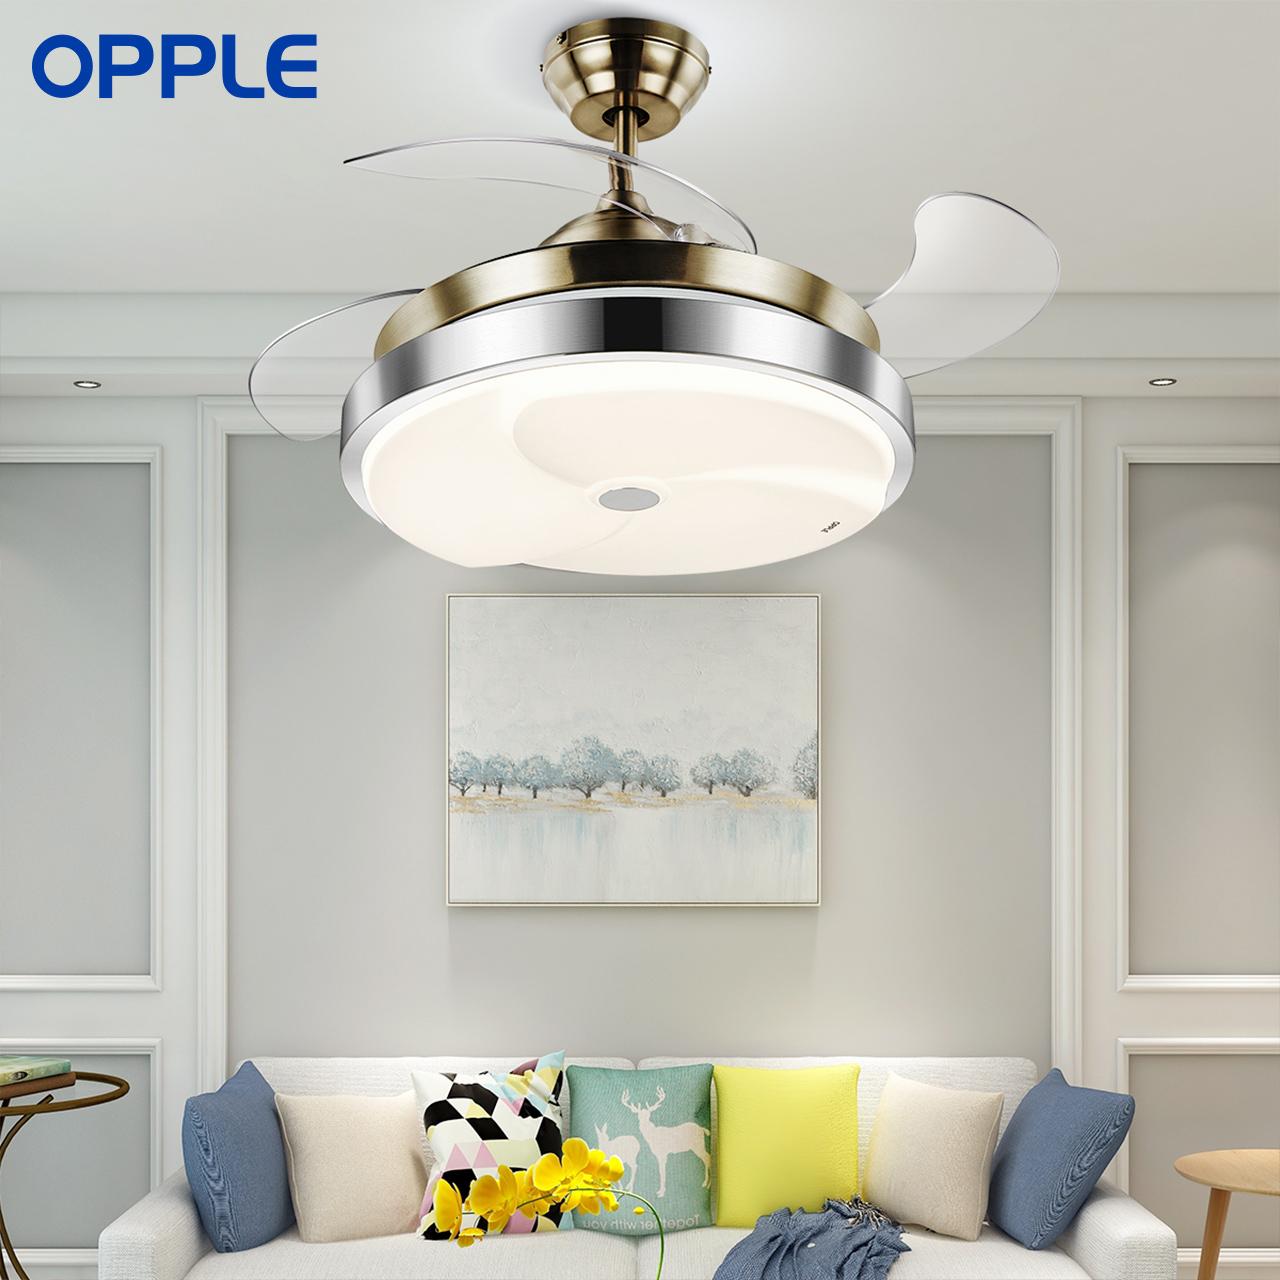 风扇欧式吊灯 LED 吊扇灯风扇灯客厅餐厅卧室家用简约现代带 OPPLE